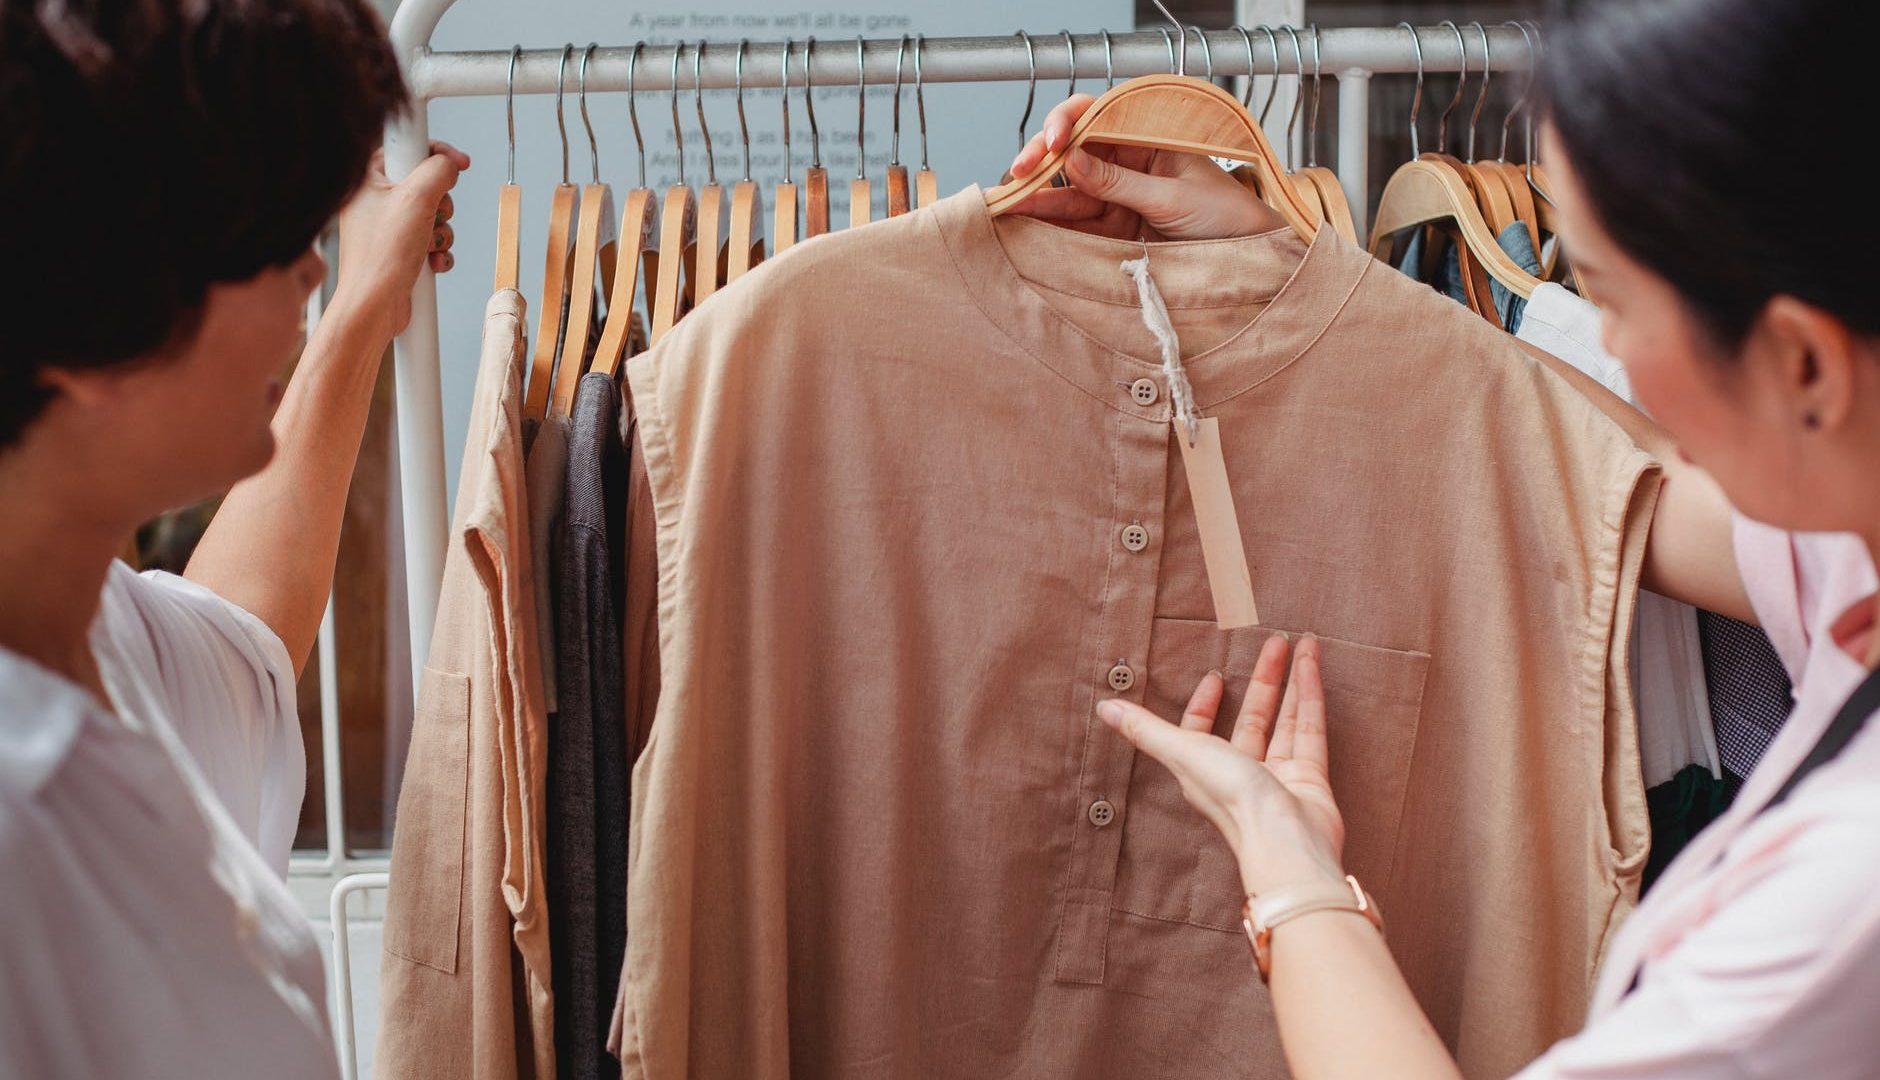 Verdades sobre la industria textil